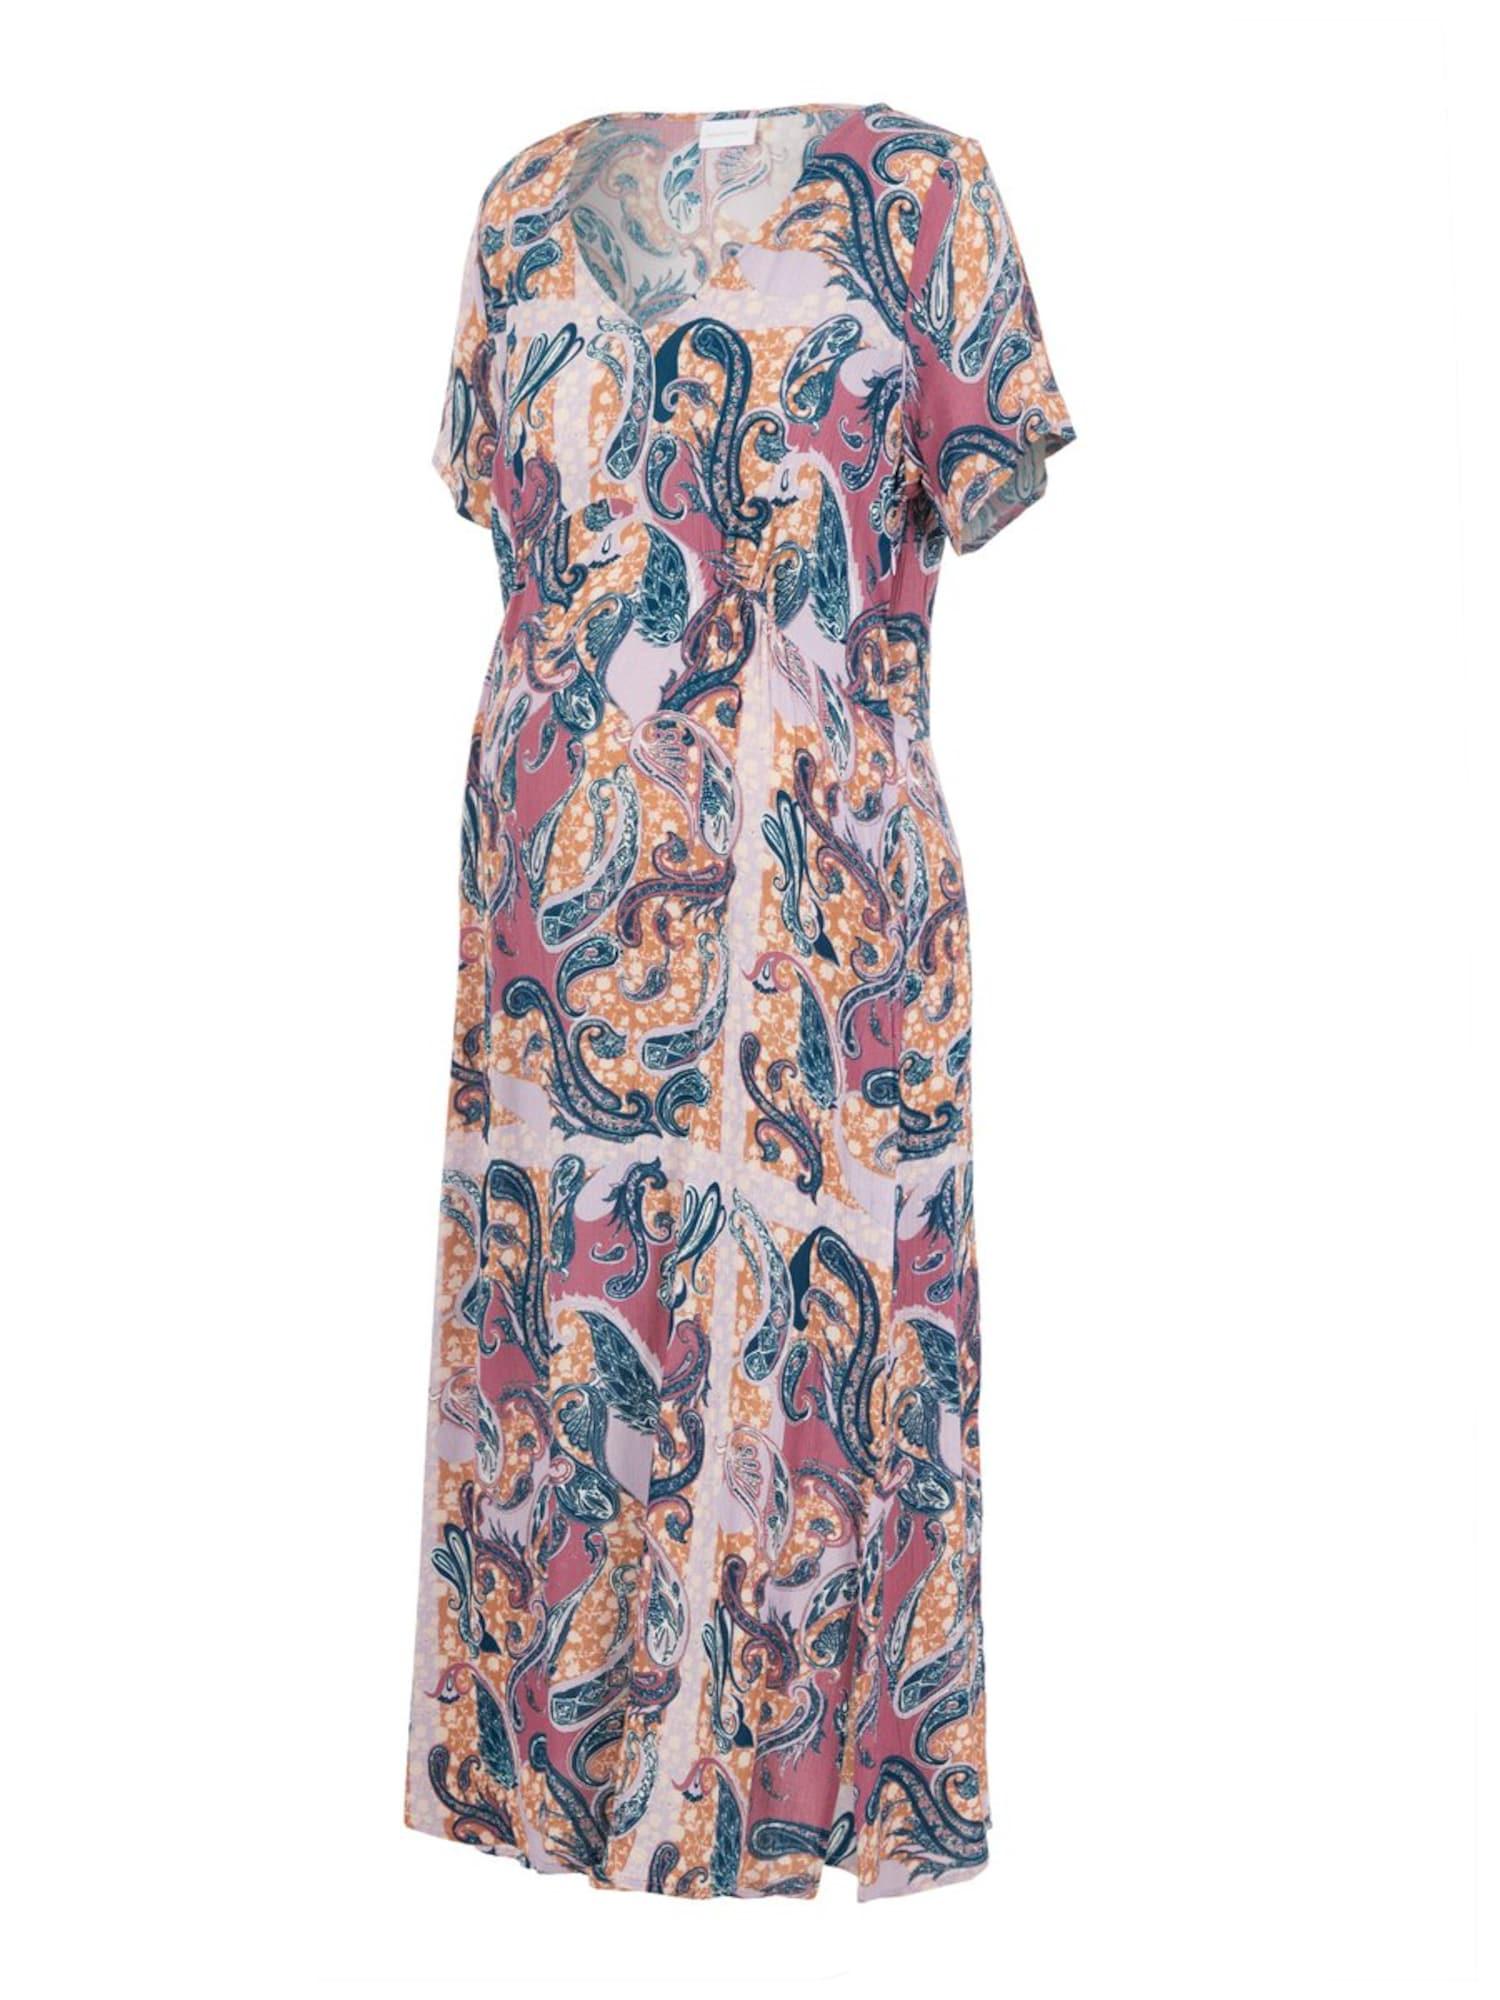 MAMALICIOUS Vasarinė suknelė mišrios spalvos / alyvinė spalva